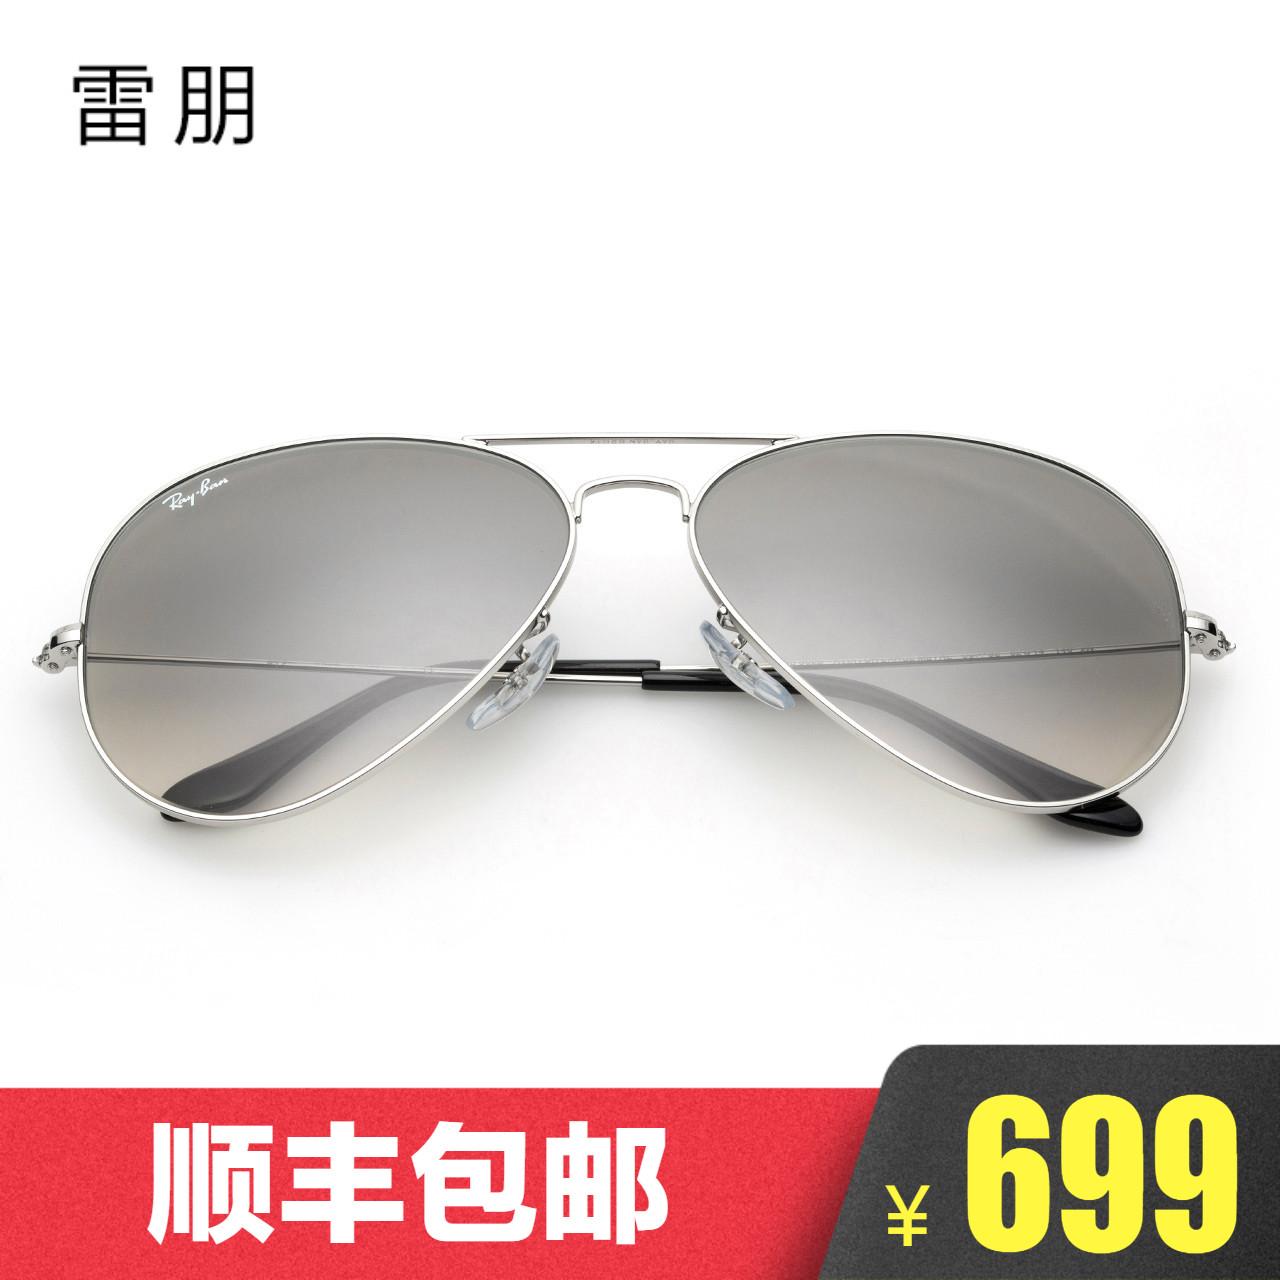 雷朋Rayban 太阳眼镜男蛤蟆镜玻璃镜片飞行员开车驾驶墨镜 RB3025